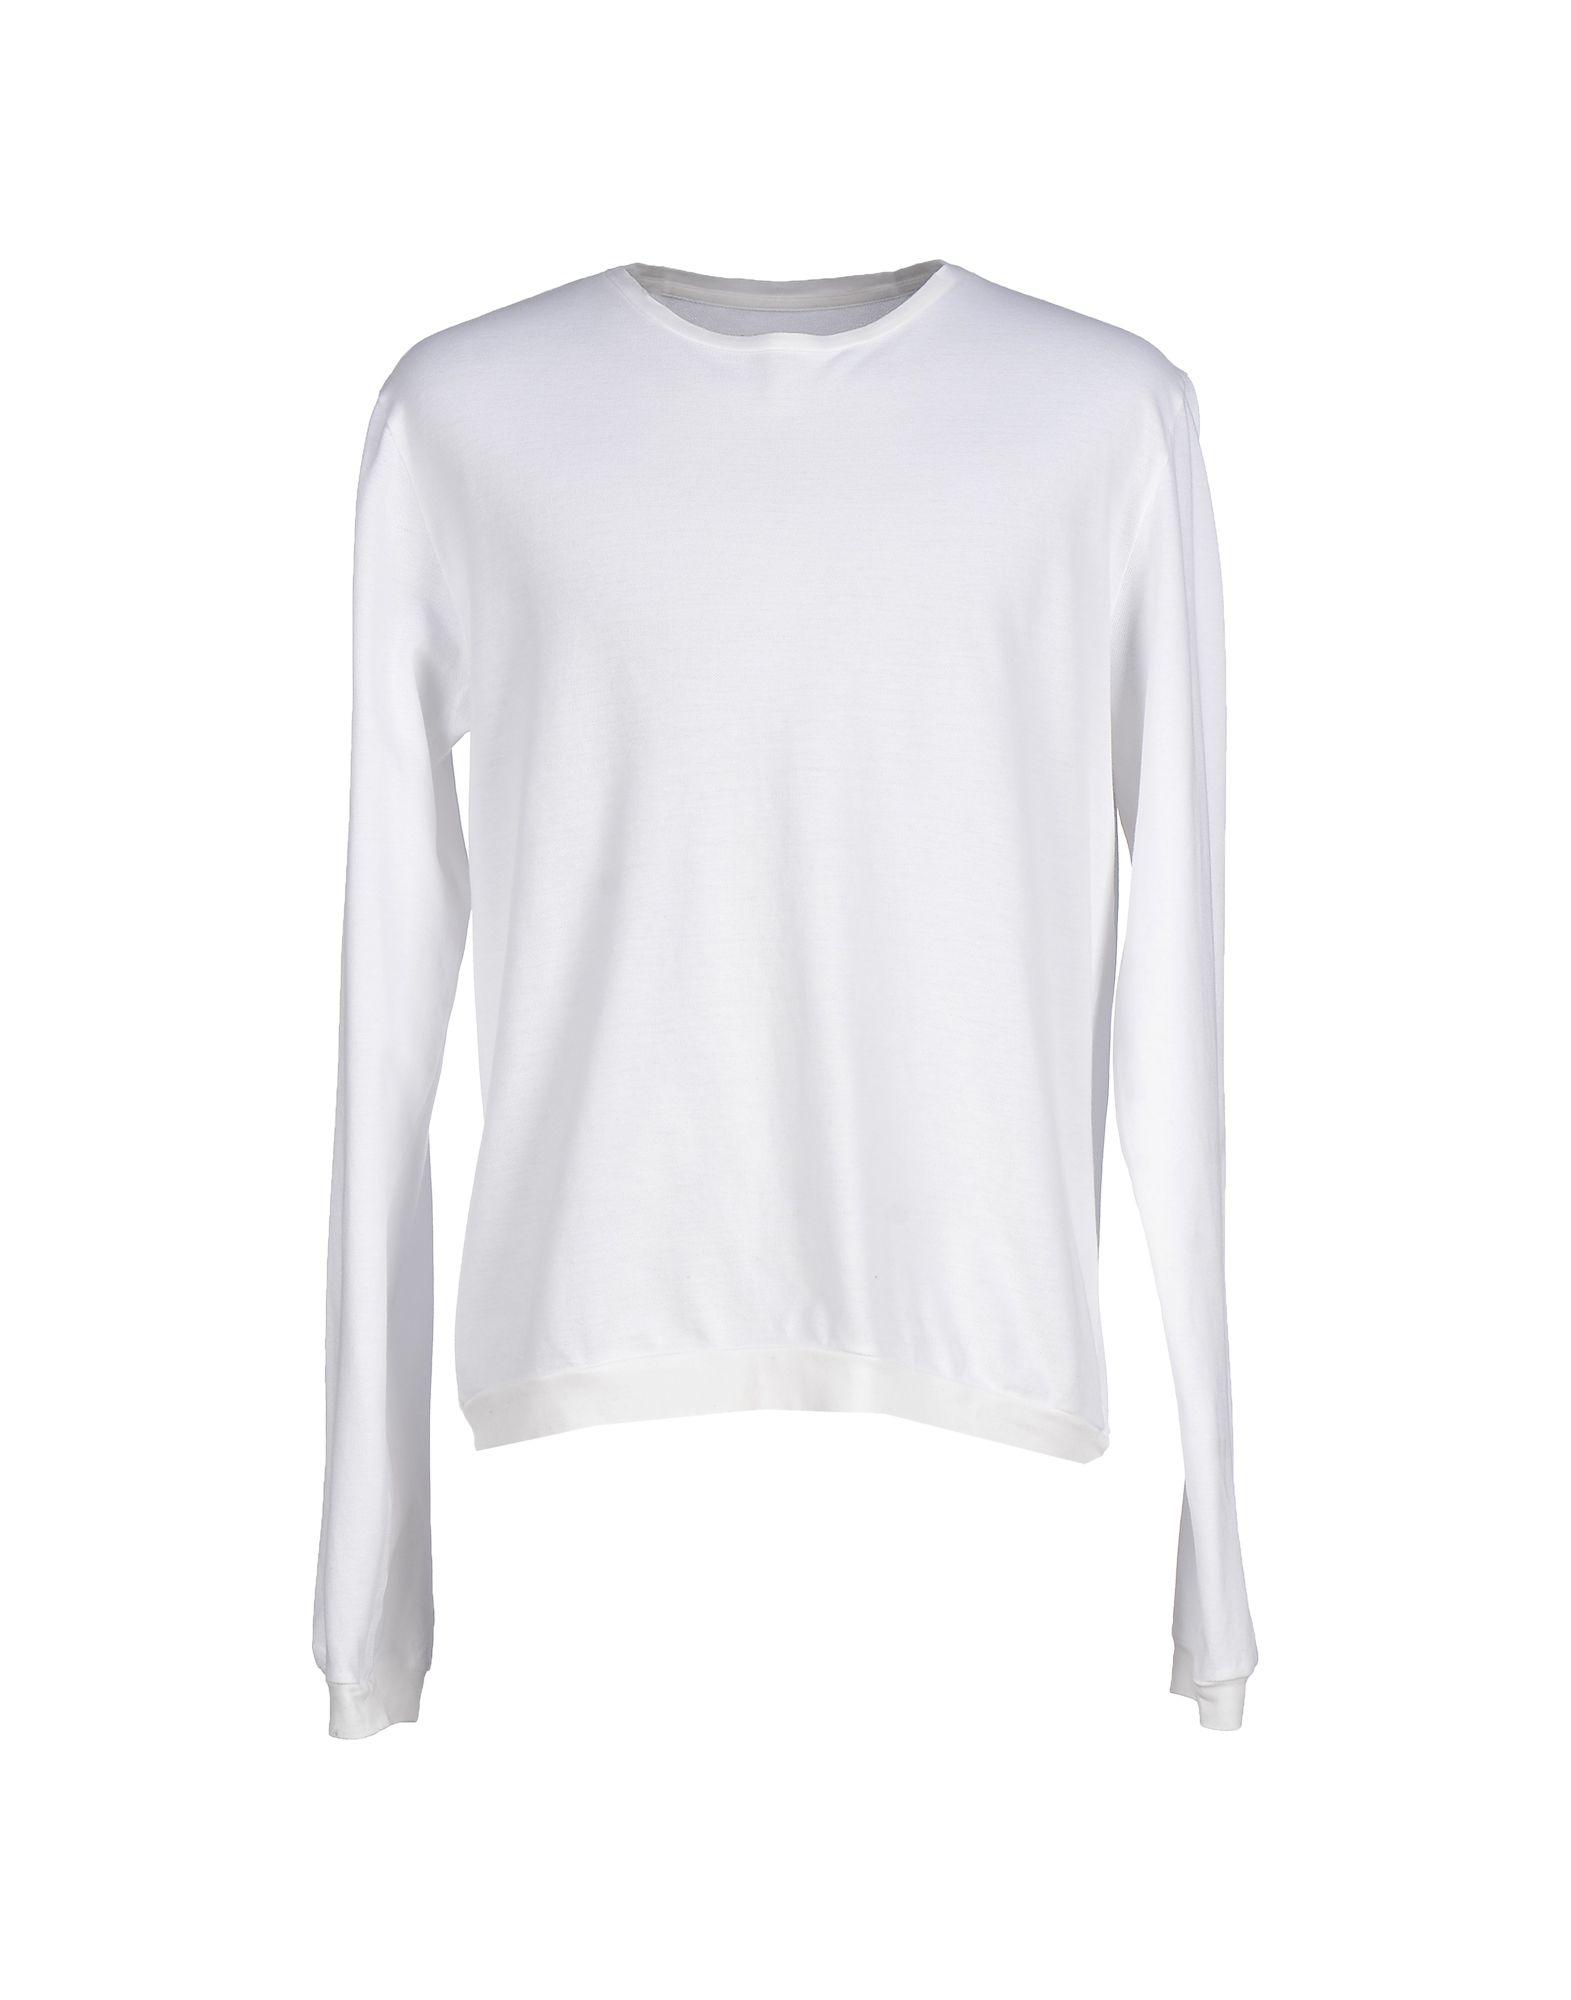 《送料無料》THIRD DENIM LTD. メンズ T シャツ ホワイト XL コットン 100%